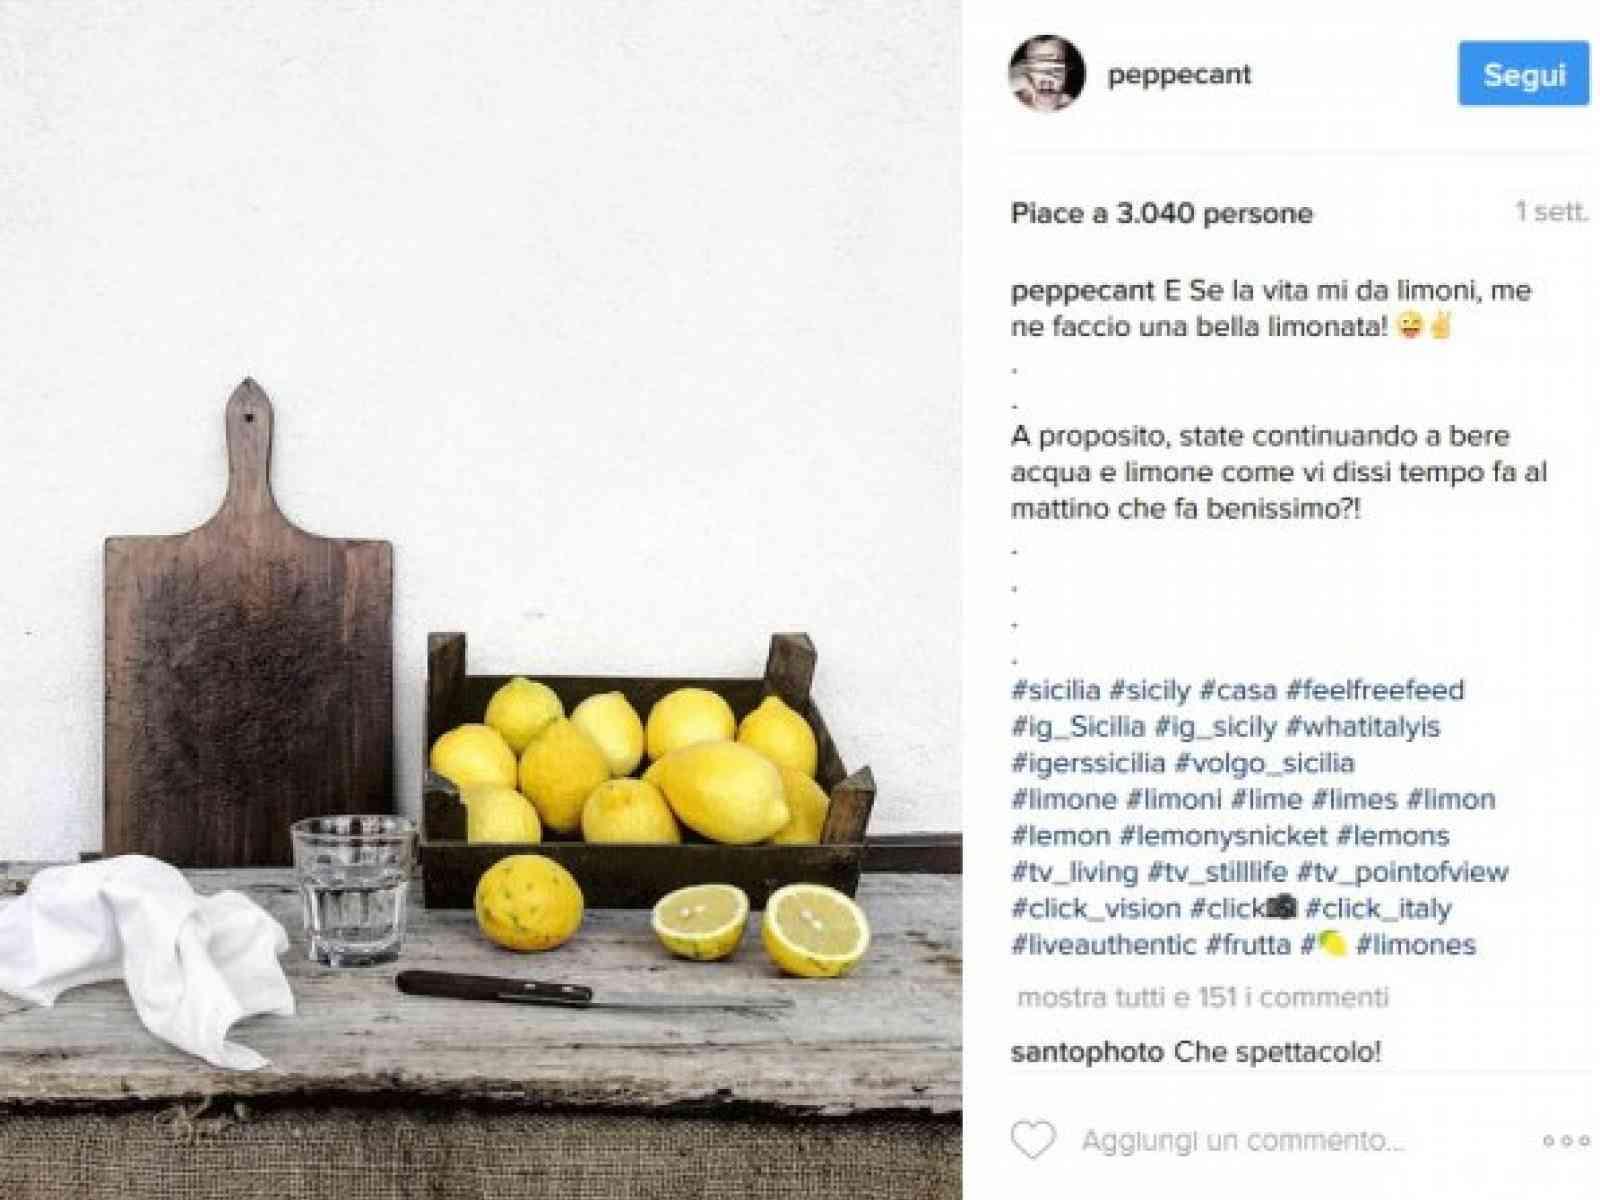 Instagramer più seguiti d'Italia, c'è anche un menfitano: @peppecant